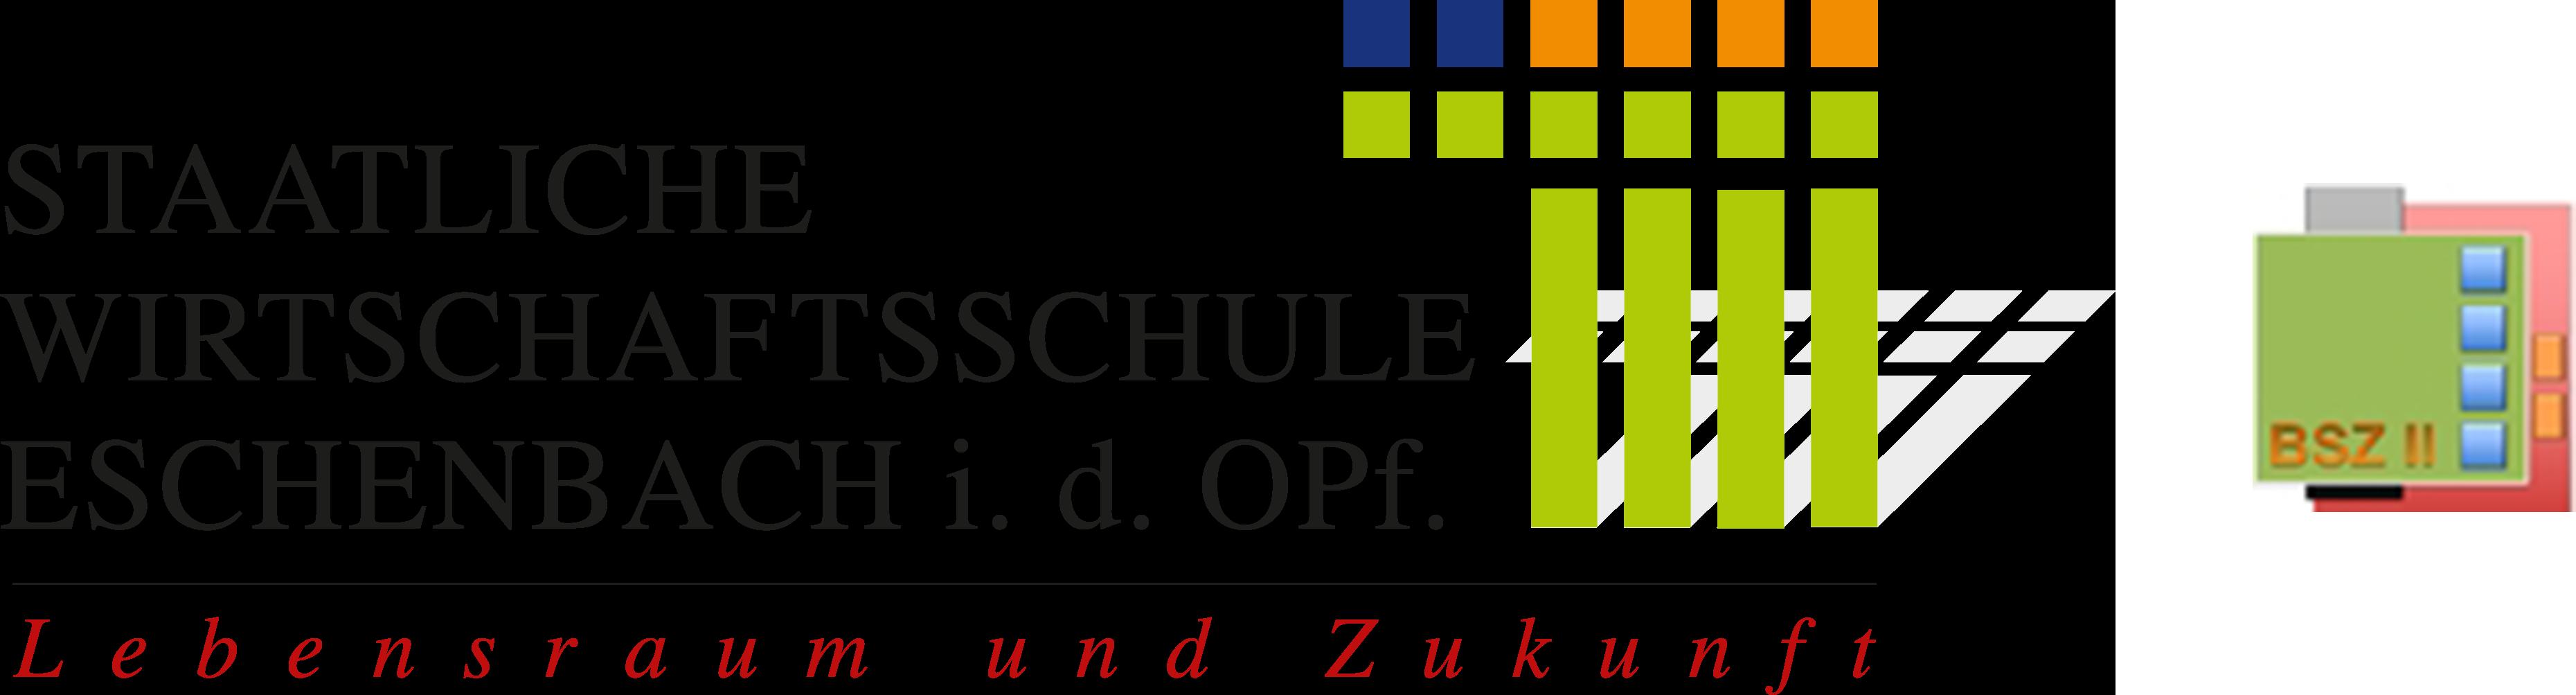 Wirtschaftsschule Eschenbach